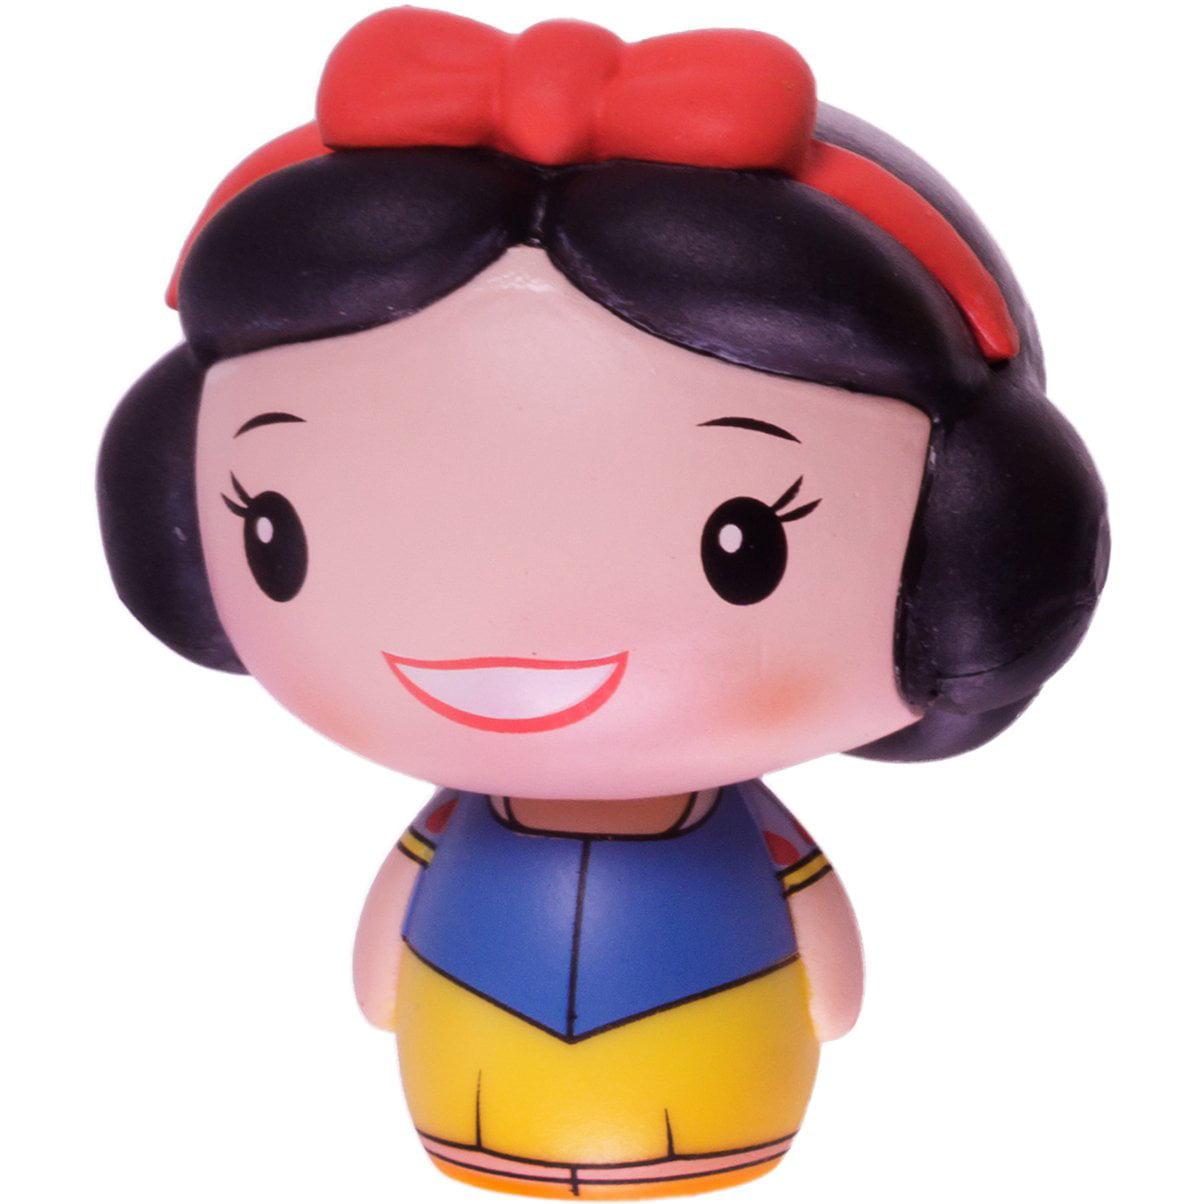 Snow White: Funko Pint Size Heroes x Disney - Snow White Micro Vinyl Figure (21217)